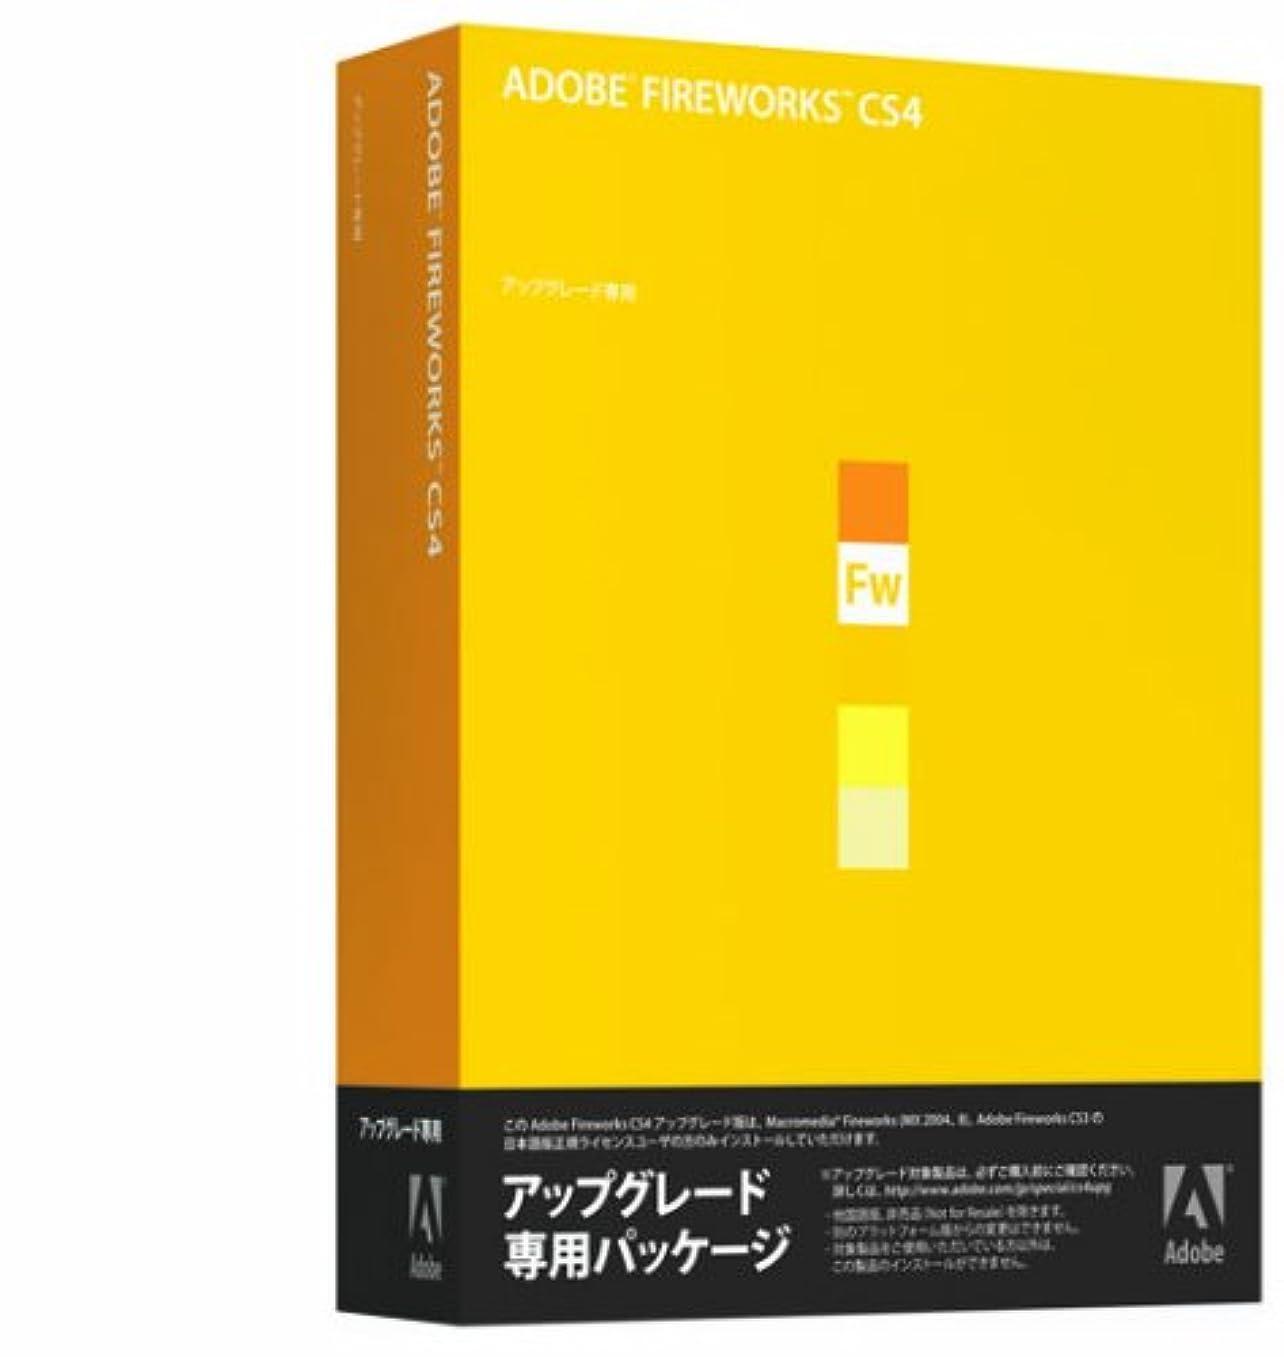 Adobe Fireworks CS4 (V10.0) 日本語版 アップグレード版 Macintosh版